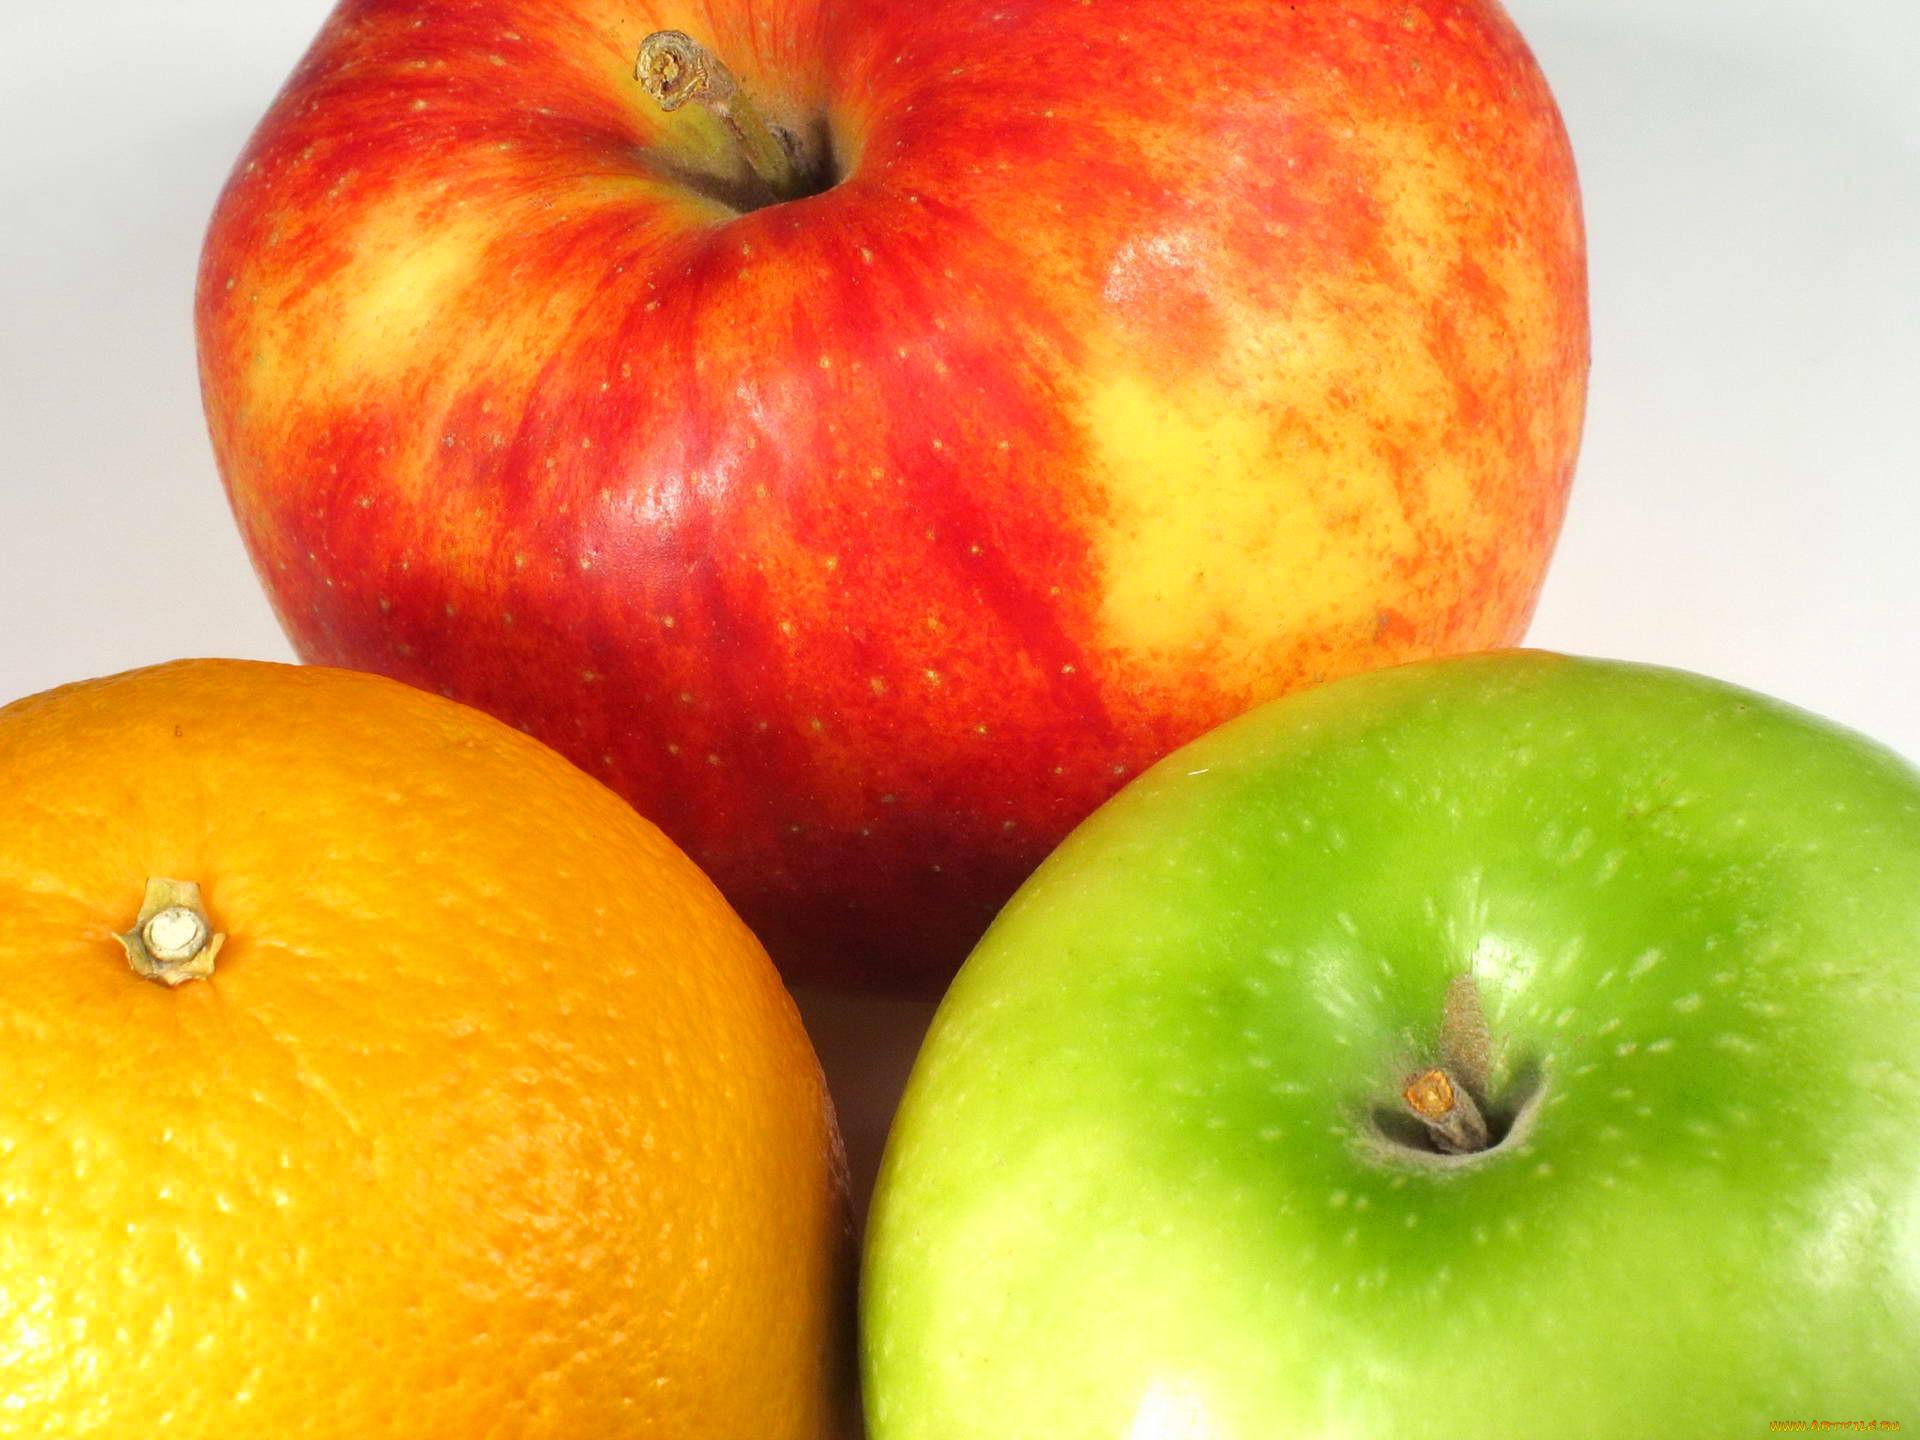 сумел яблоко и апельсин в одной картинке работаем области производства